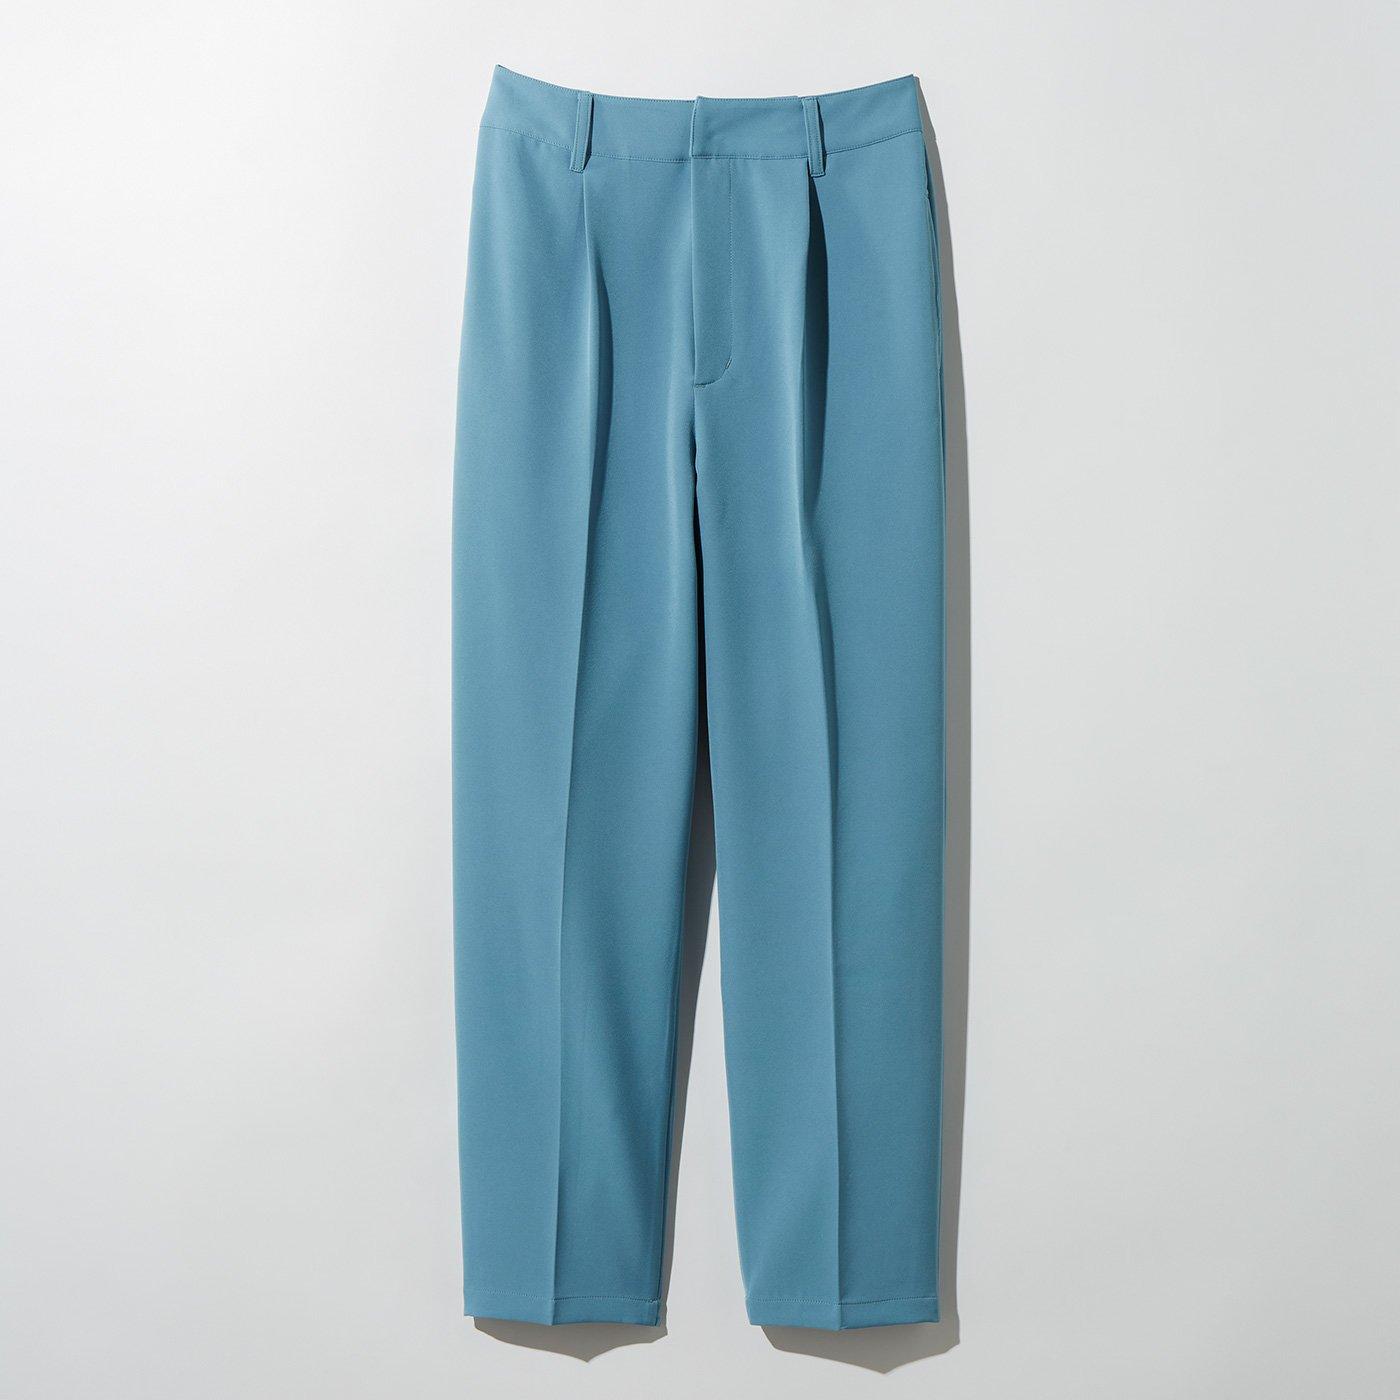 MEDE19F センタープレスカラーパンツ〈ブルー〉